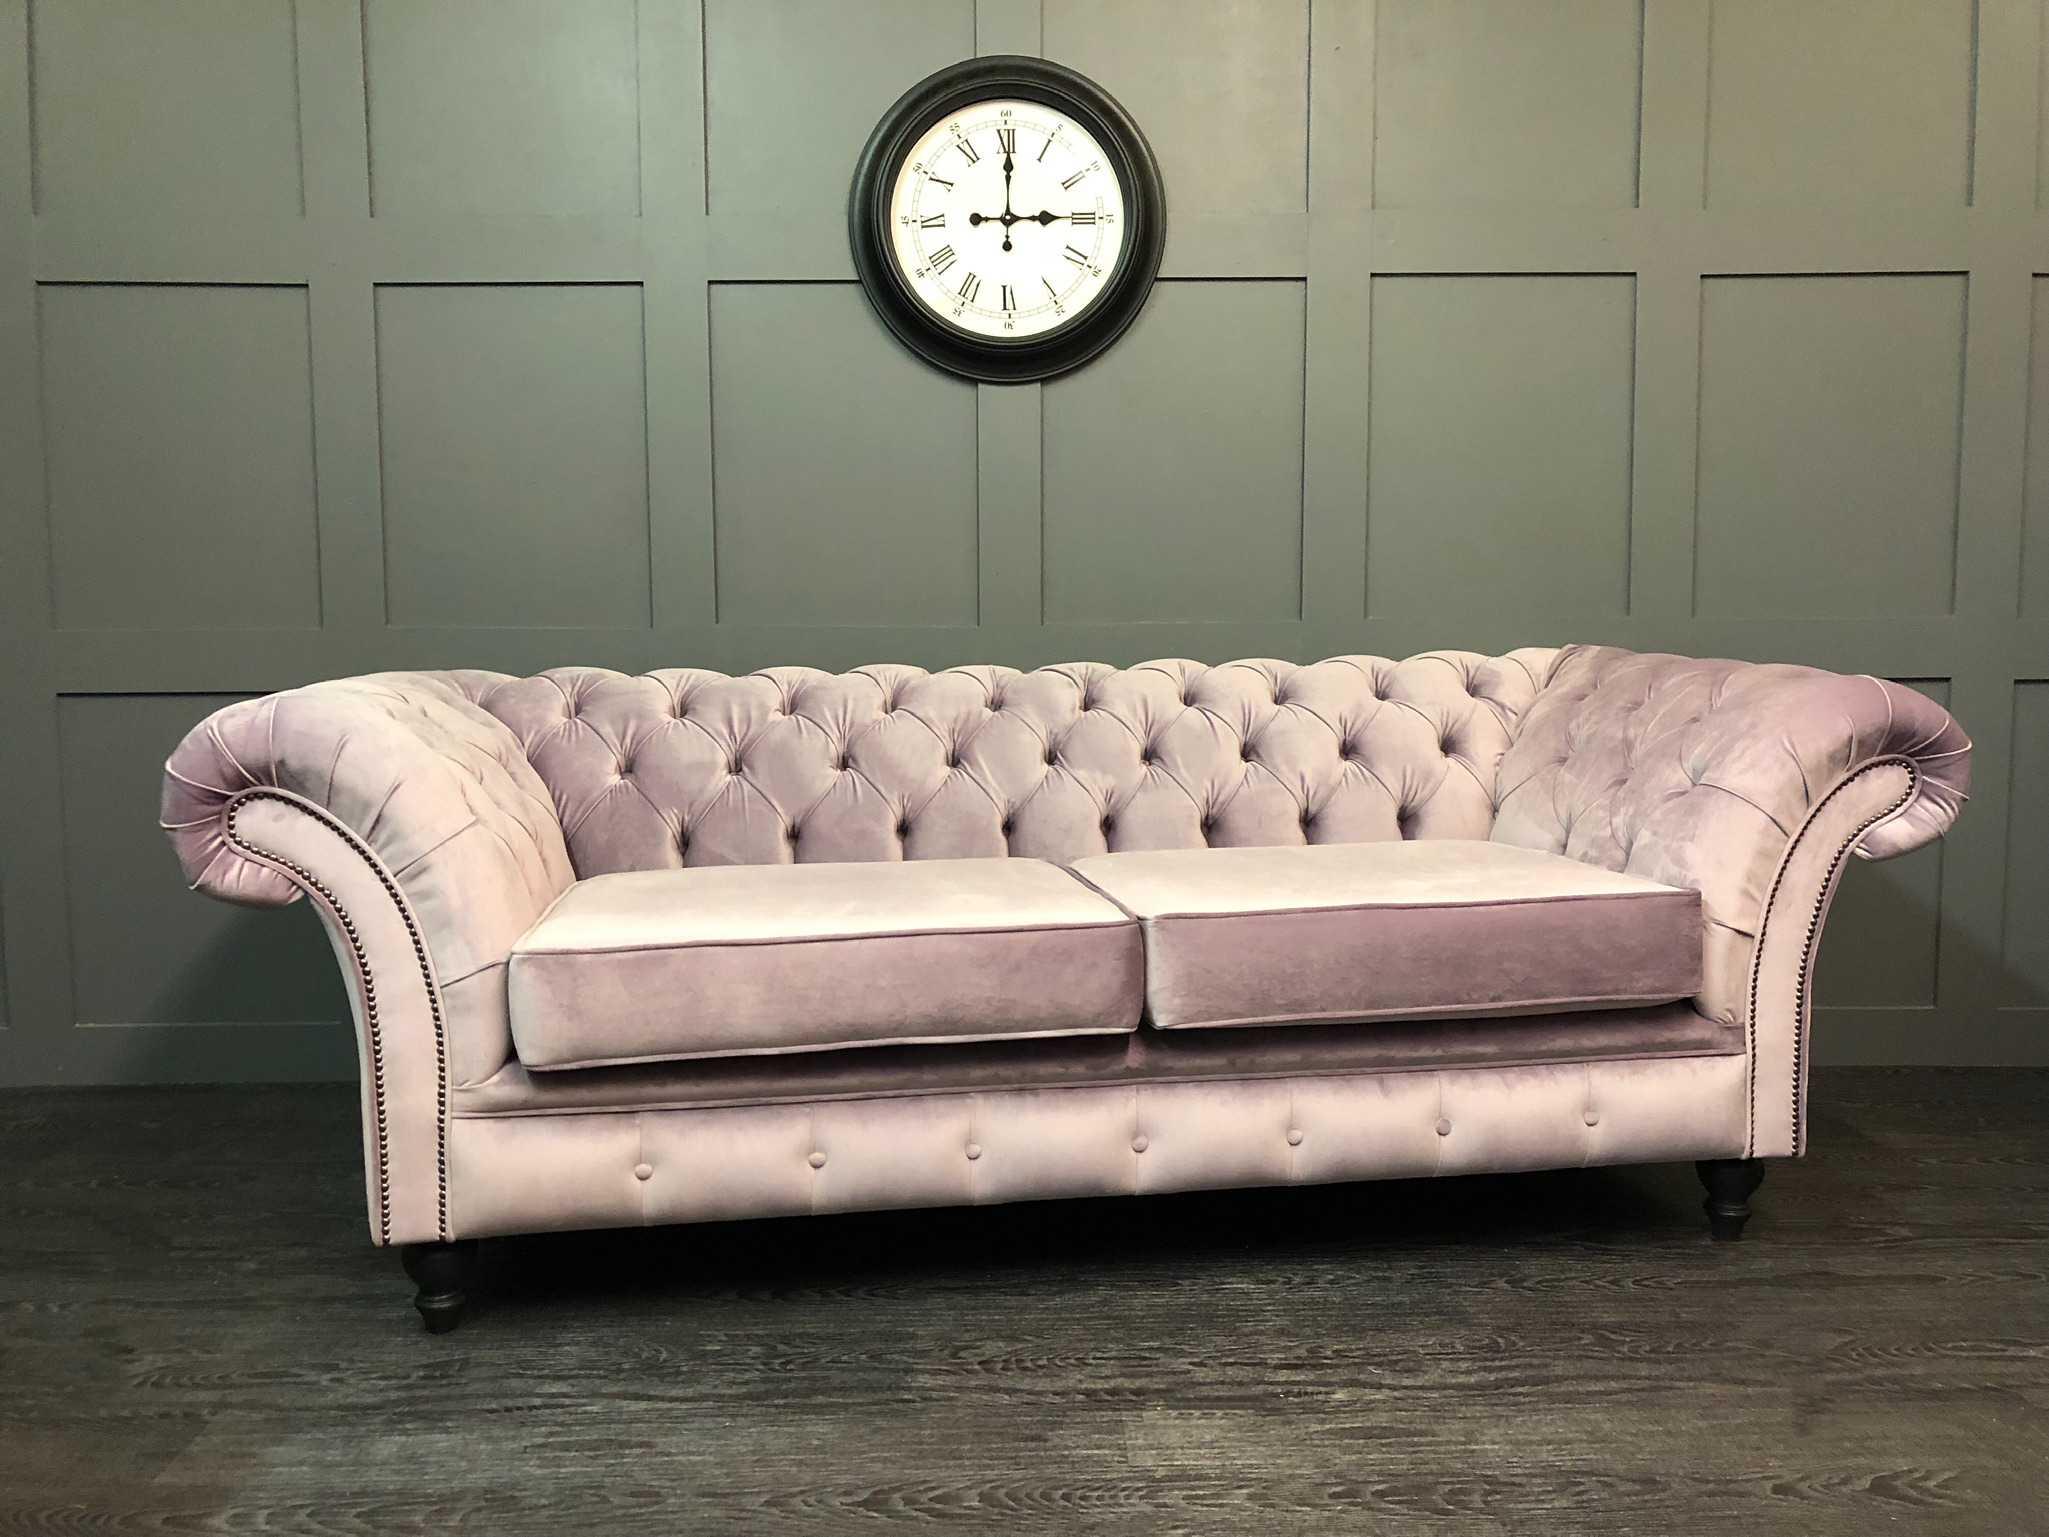 London chesterfield 3 seat sofa prestigious textiles heather velour